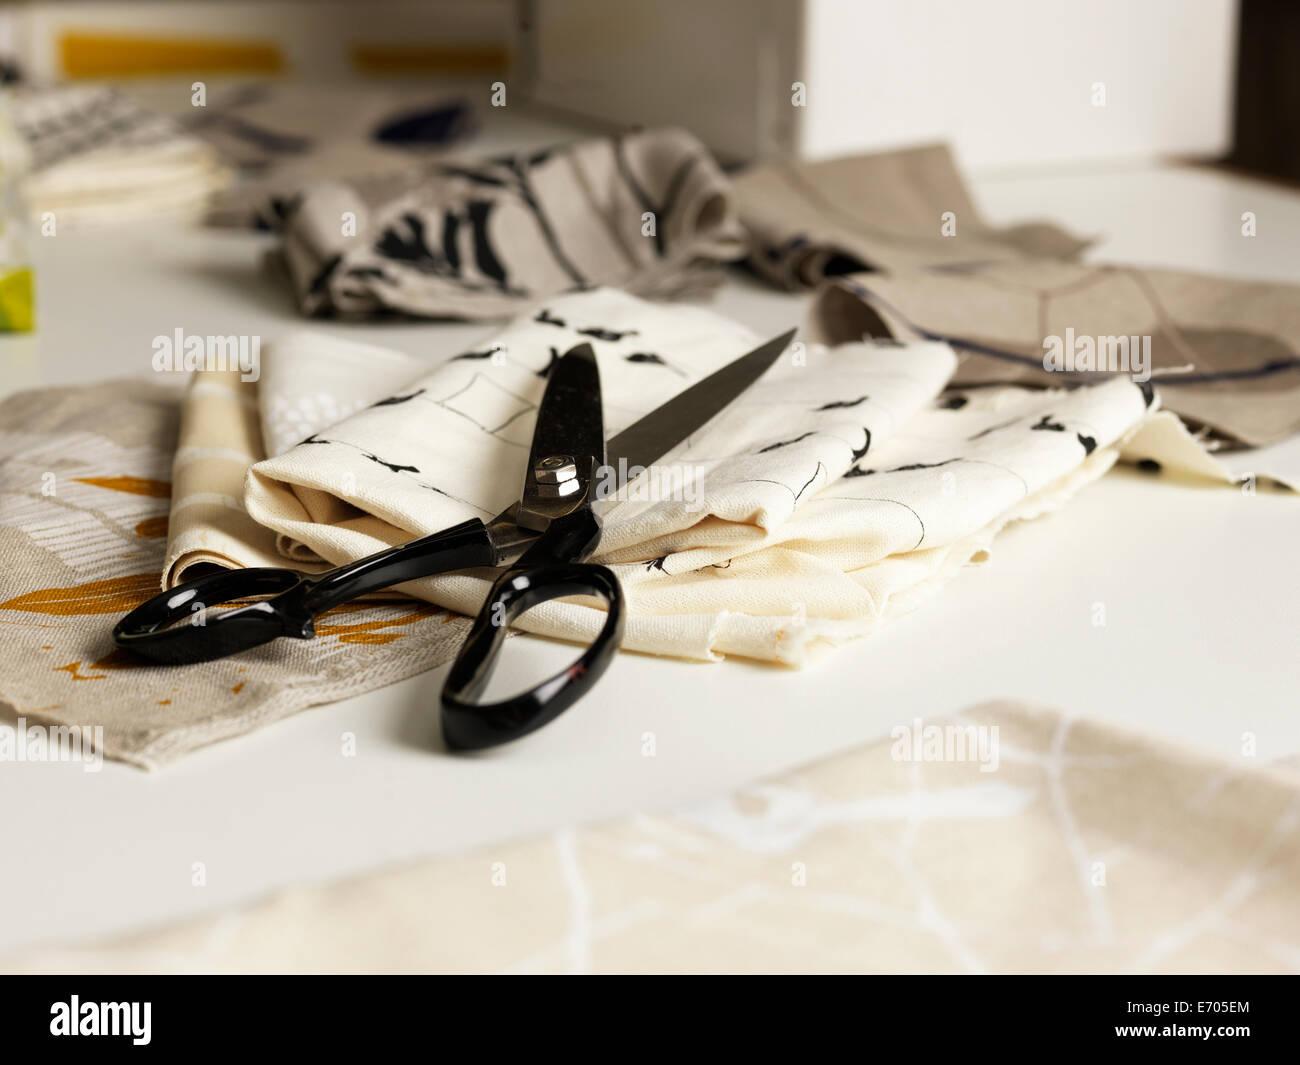 Par de tijeras y tela en la mesa de trabajo Imagen De Stock